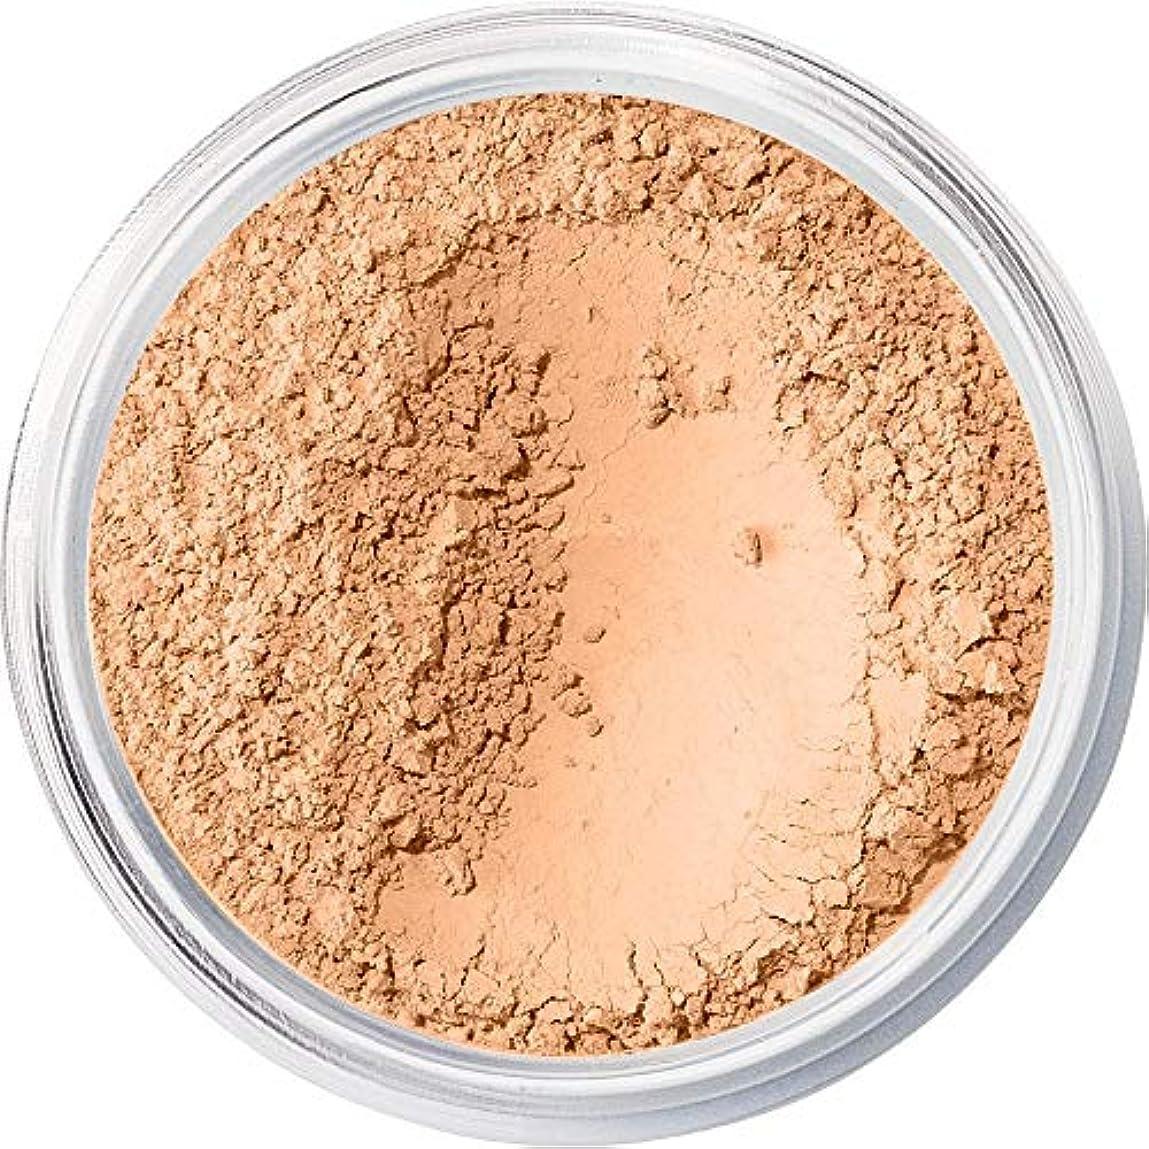 降伏アスレチック医薬品[bareMinerals ] ベアミネラルオリジナルの基盤Spf15の8グラム16 - 黄金のヌード - bareMinerals Original Foundation SPF15 8g 16 - Golden Nude...